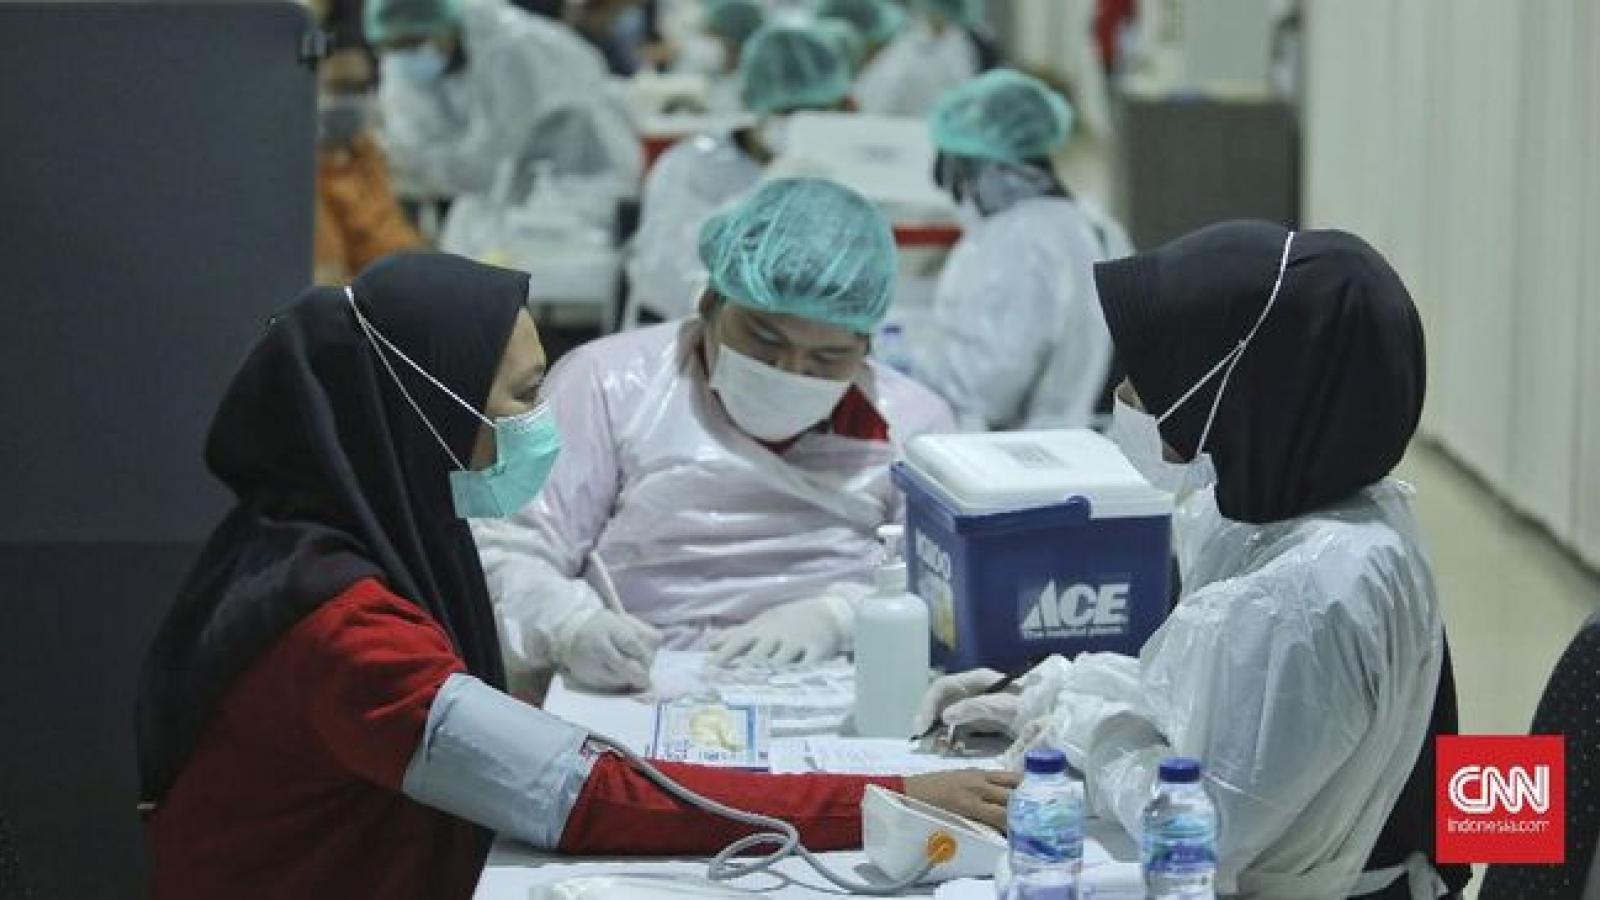 Đại dịch Covid-19 ở Indonesia sẽ trở thành bệnh đặc hữu vào năm 2022?